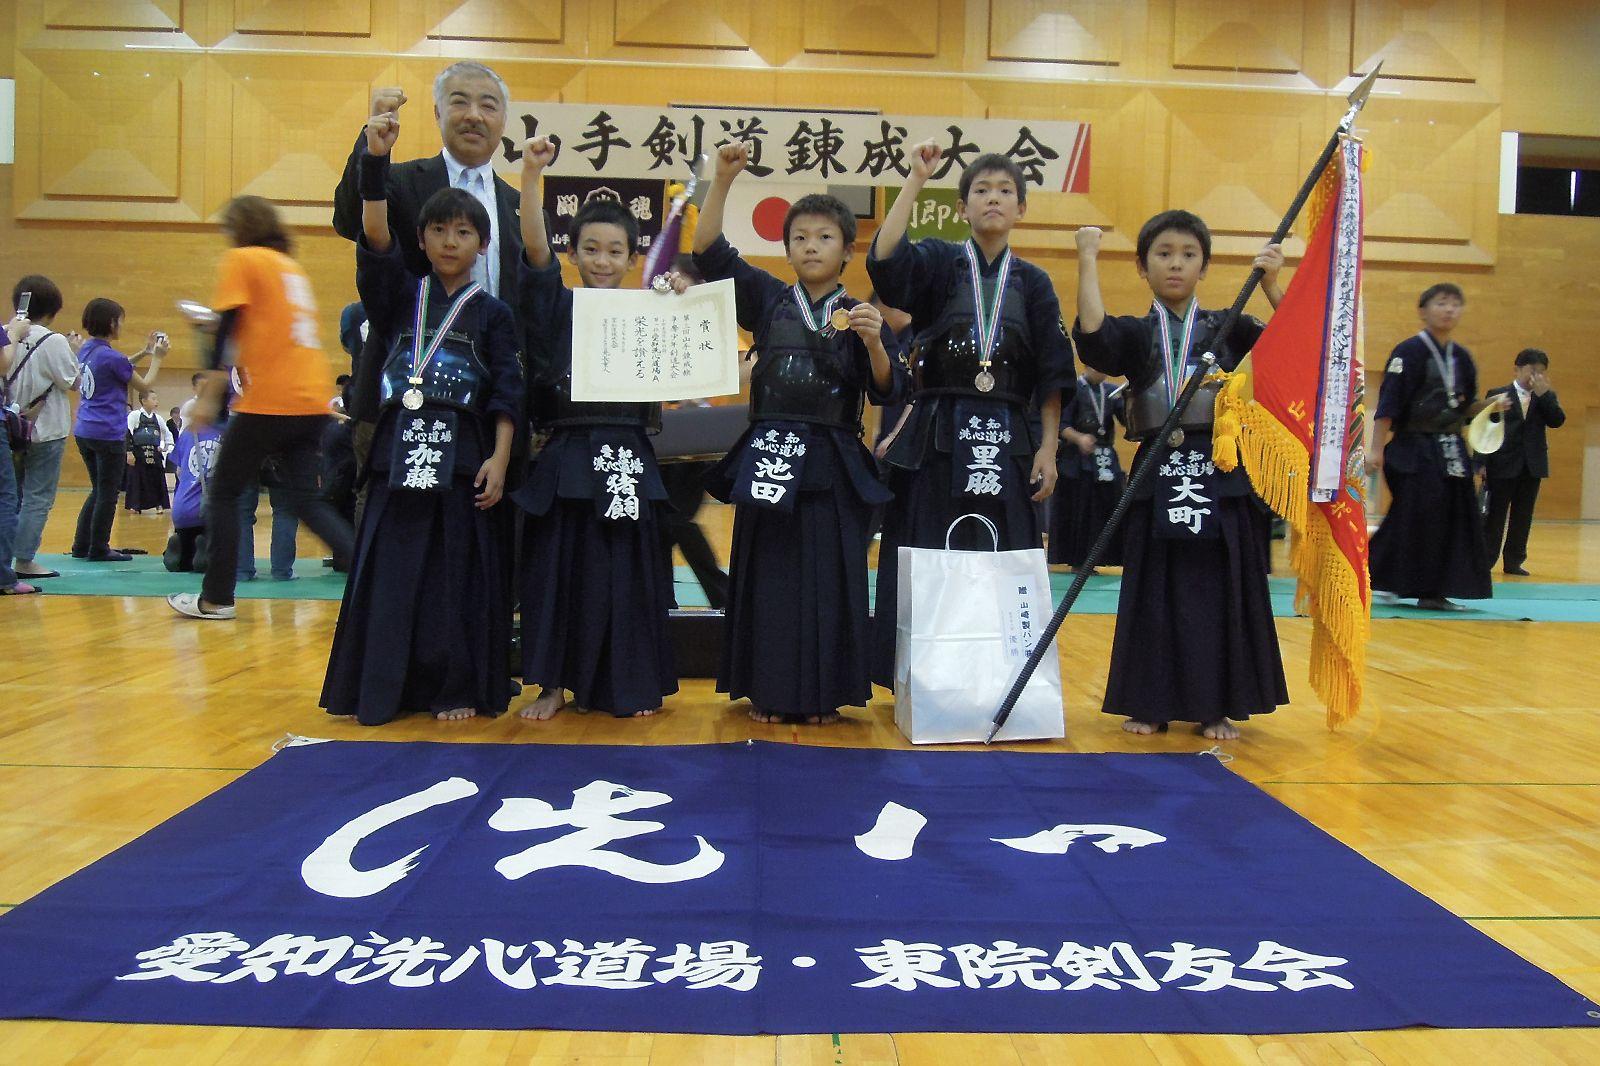 第3回山手錬成旗争奪少年剣道大会